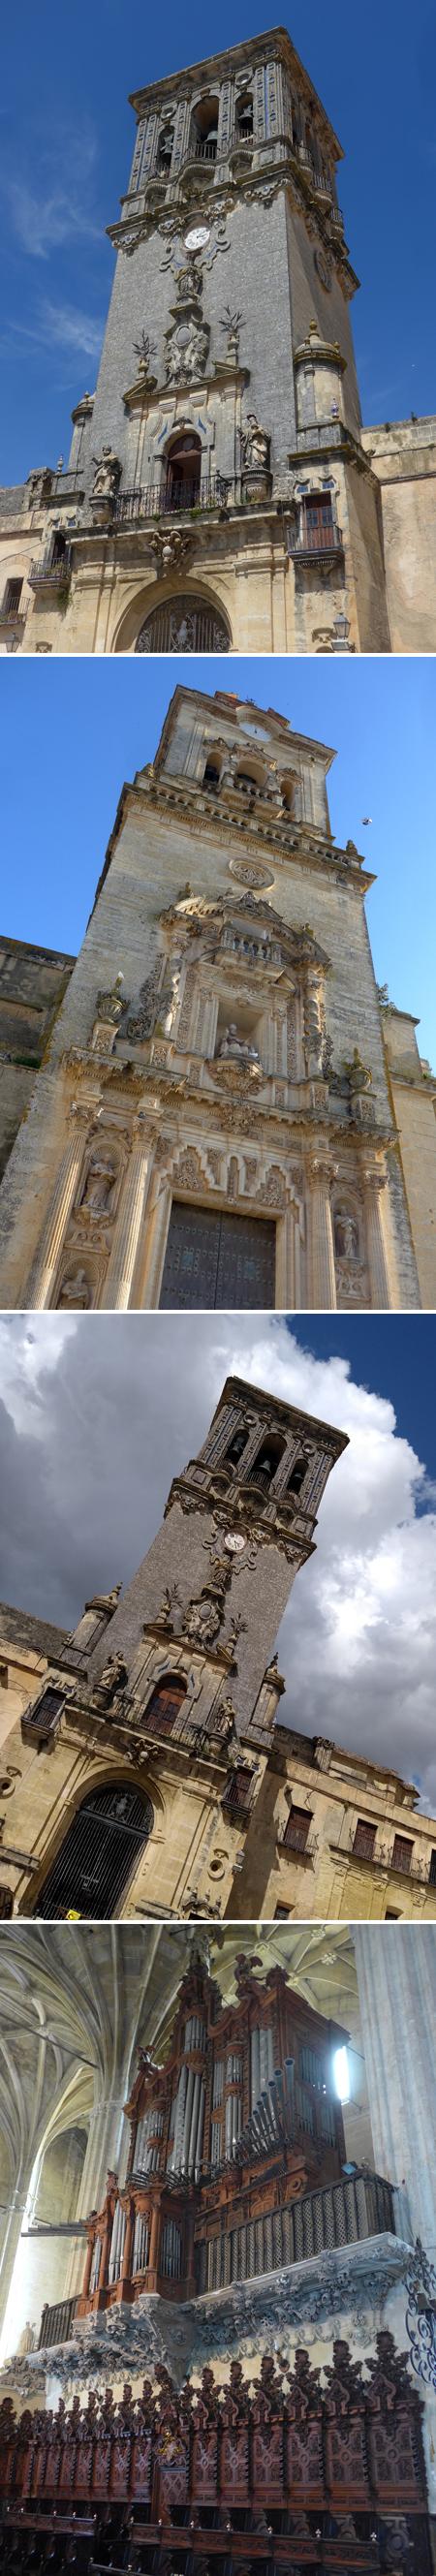 Arcos de la Frontera, iglesias, Baroque, Rococo